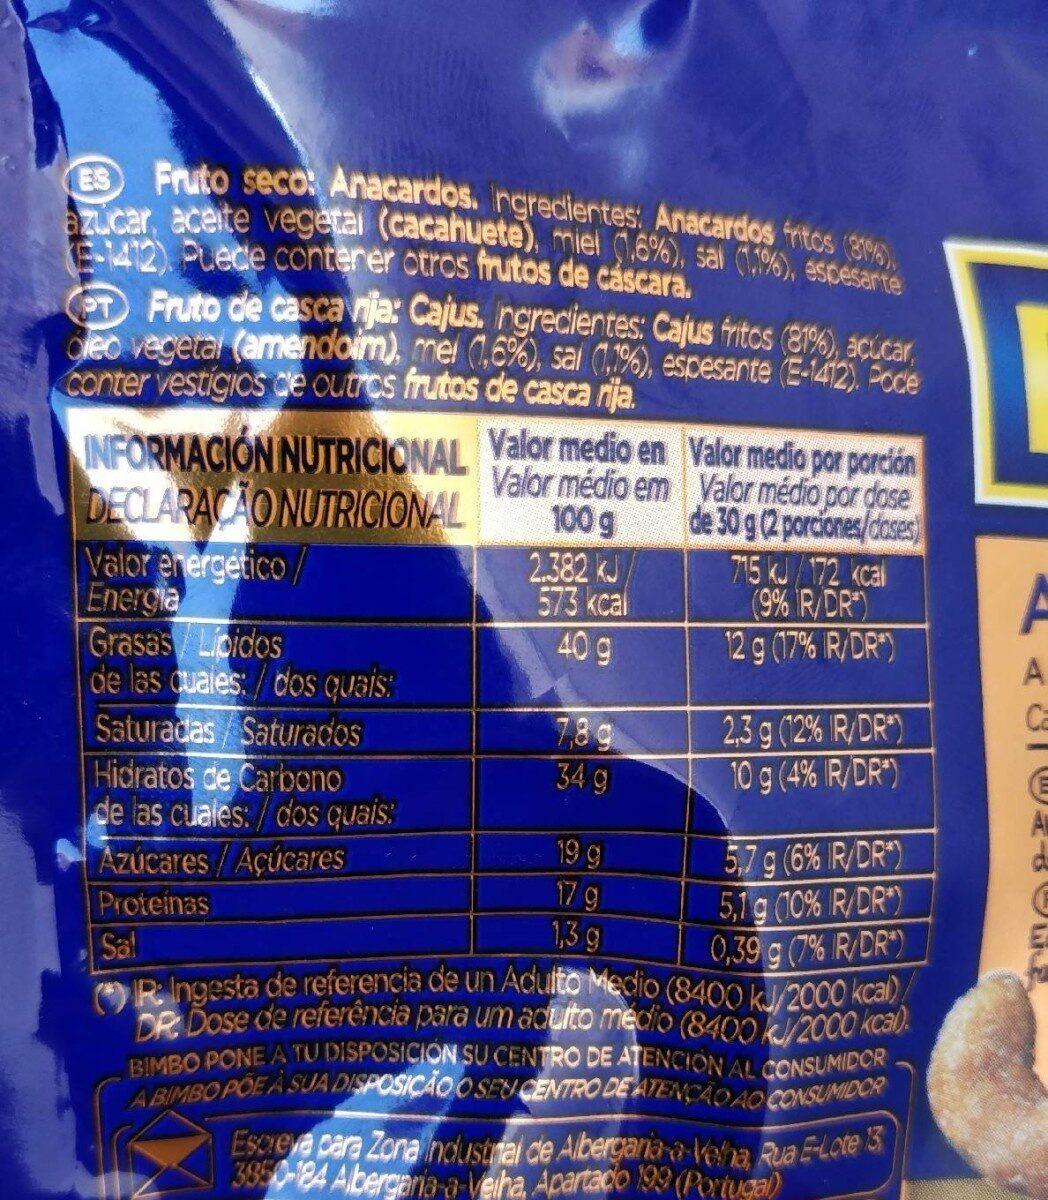 Anacardos dorados a la miel y sal - Informació nutricional - fr